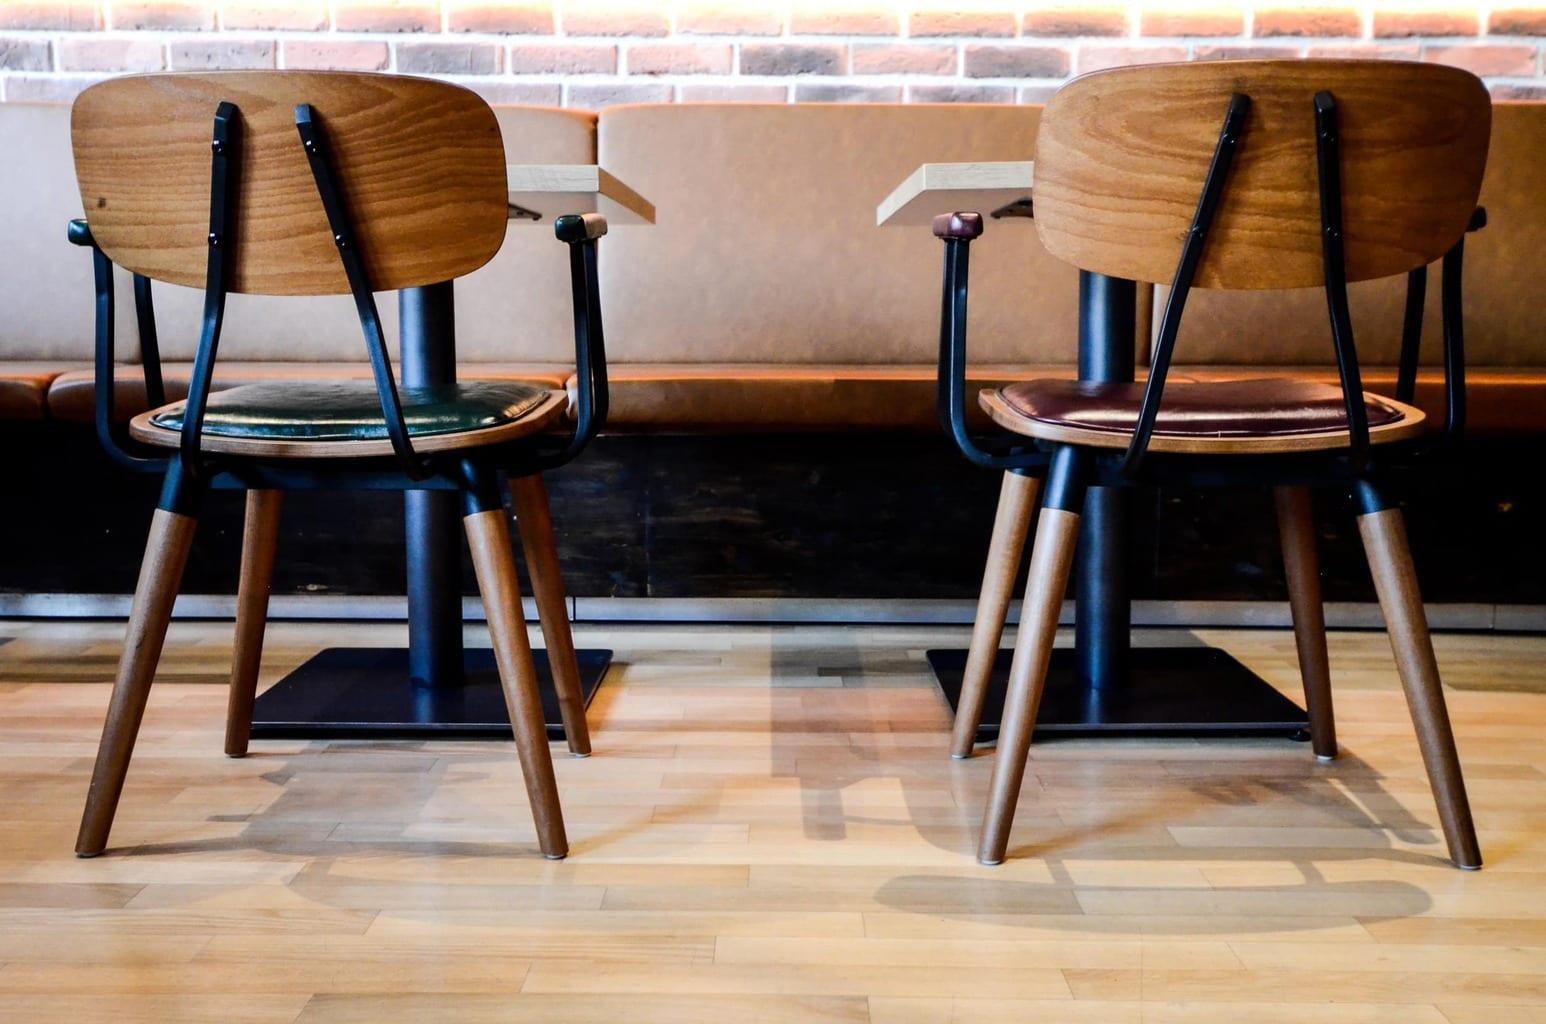 Tische für zwei